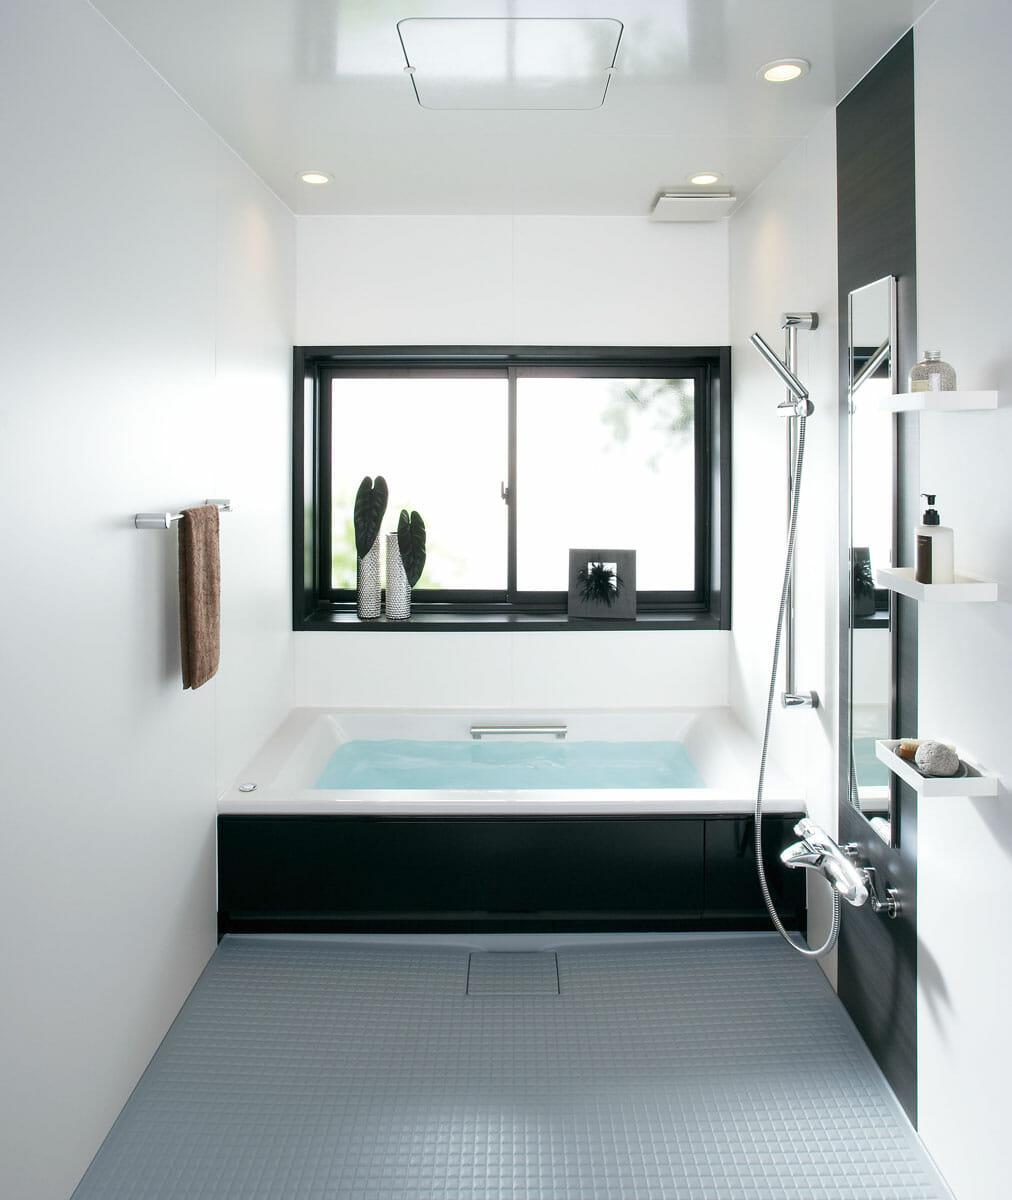 浴室・ユニットバスへの窓の取り付け価格は?